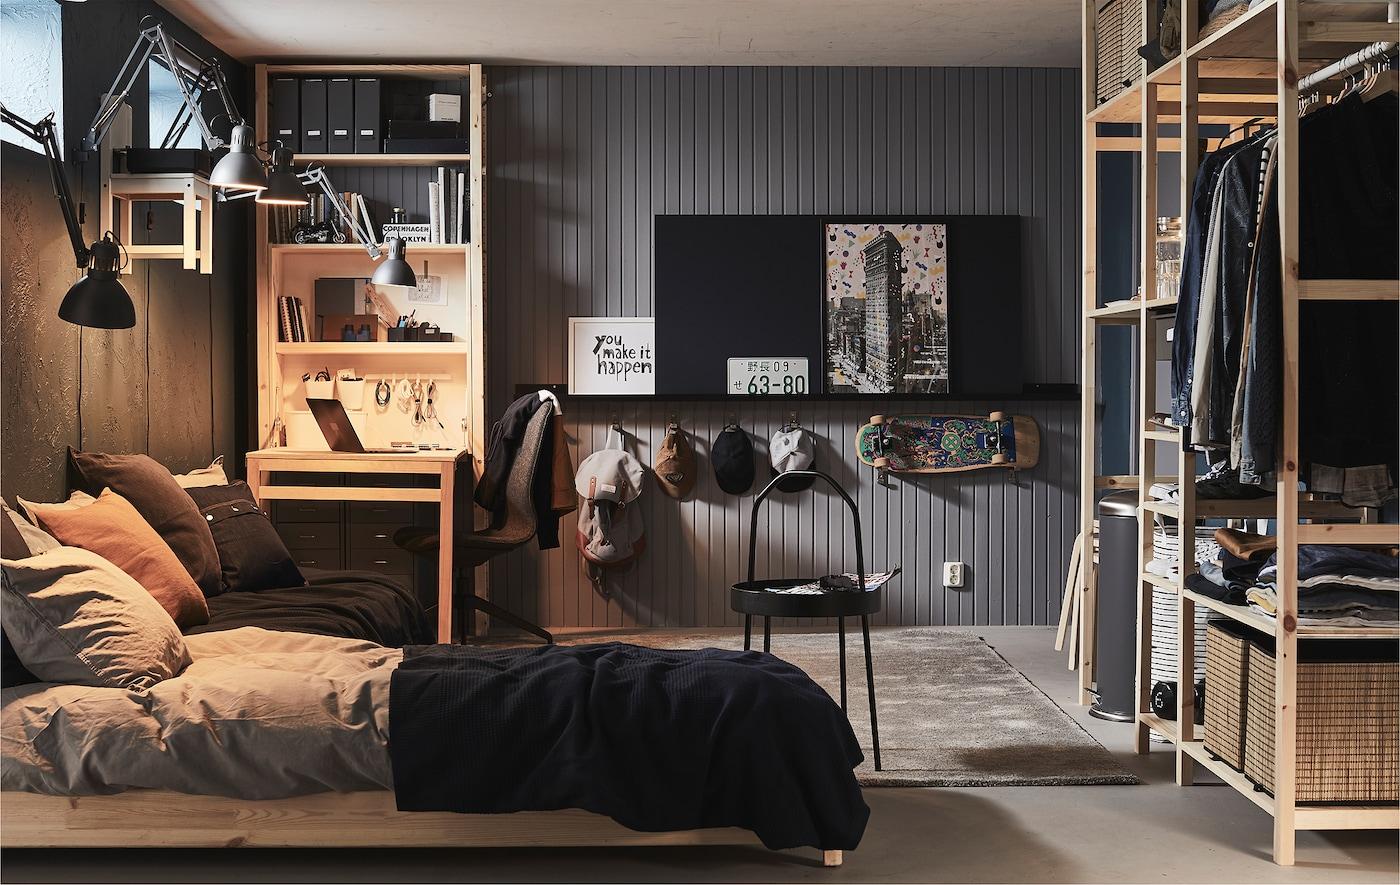 Une pièce meublée avec des fenêtres hautes, dans une cave ou un garage, aménagée d'un lit, d'un bureau et de rangements placés dans différentes étagères.